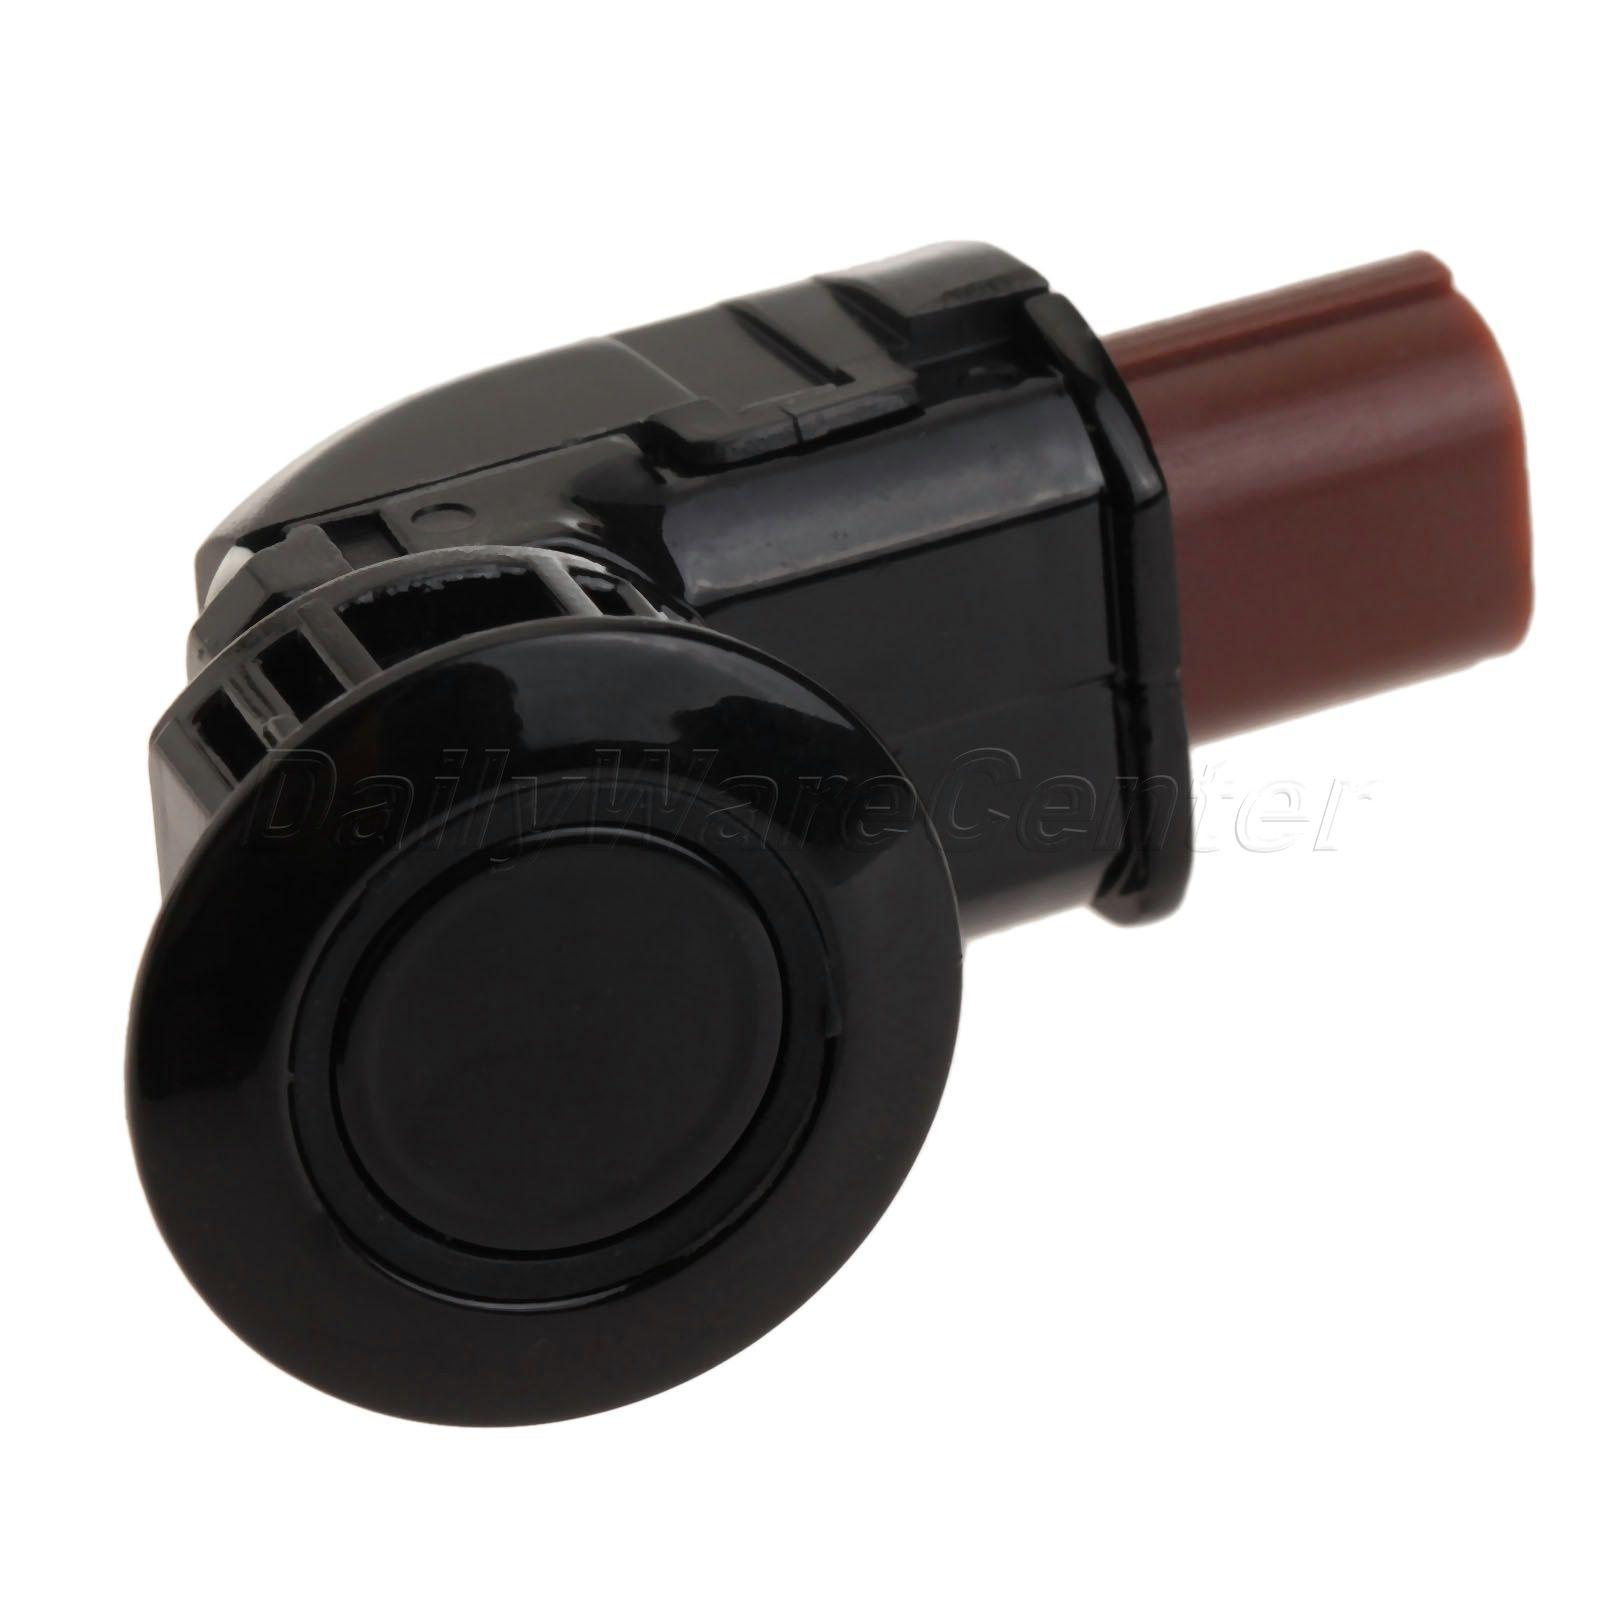 1 unid 39680-shj-a61 sensor de aparcamiento pdc para honda cr-v/honda odyssey pa